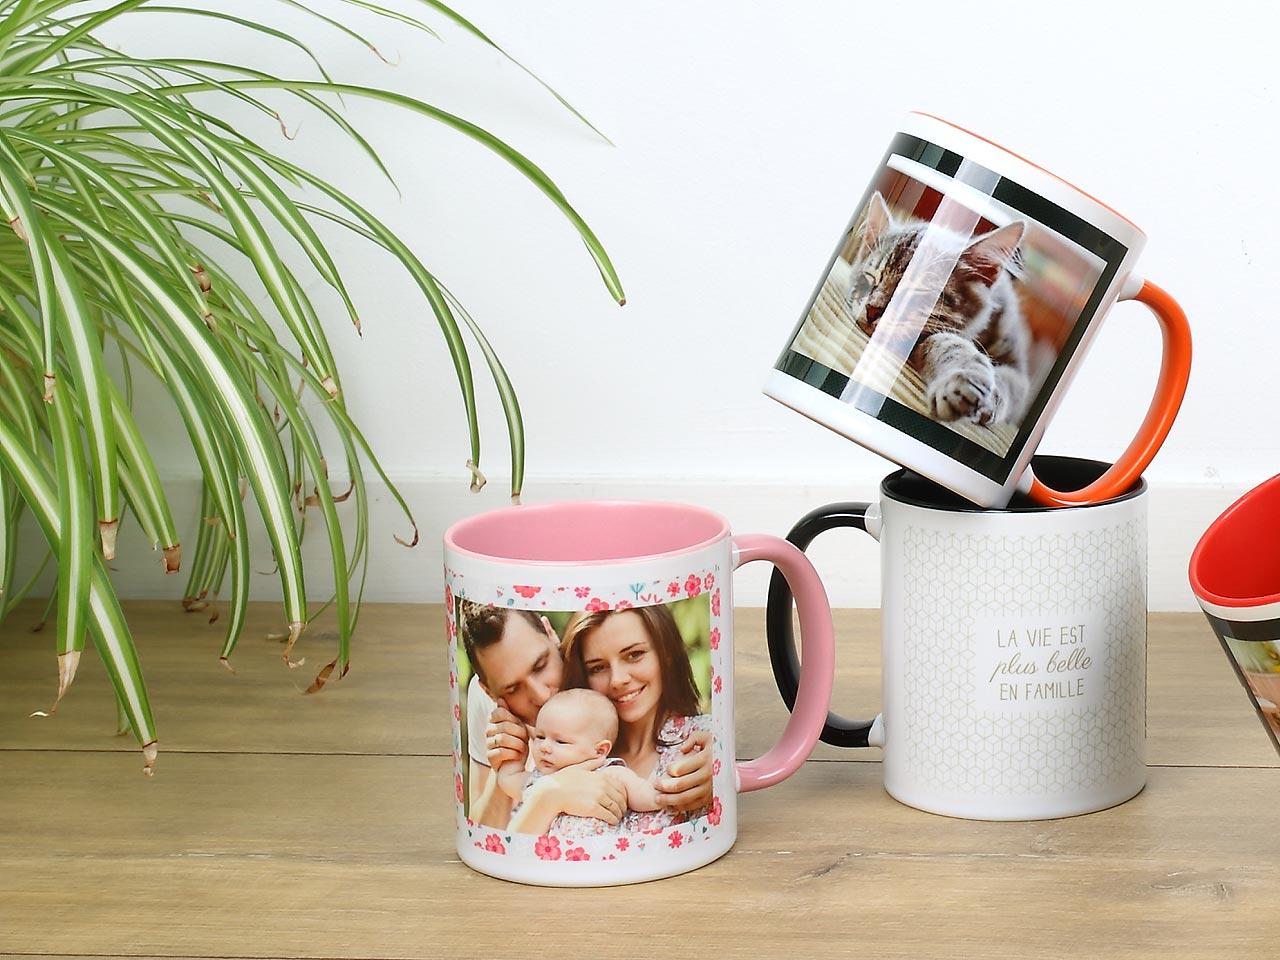 tasse photo personnalis e cr er votre tasse tout en couleurs. Black Bedroom Furniture Sets. Home Design Ideas